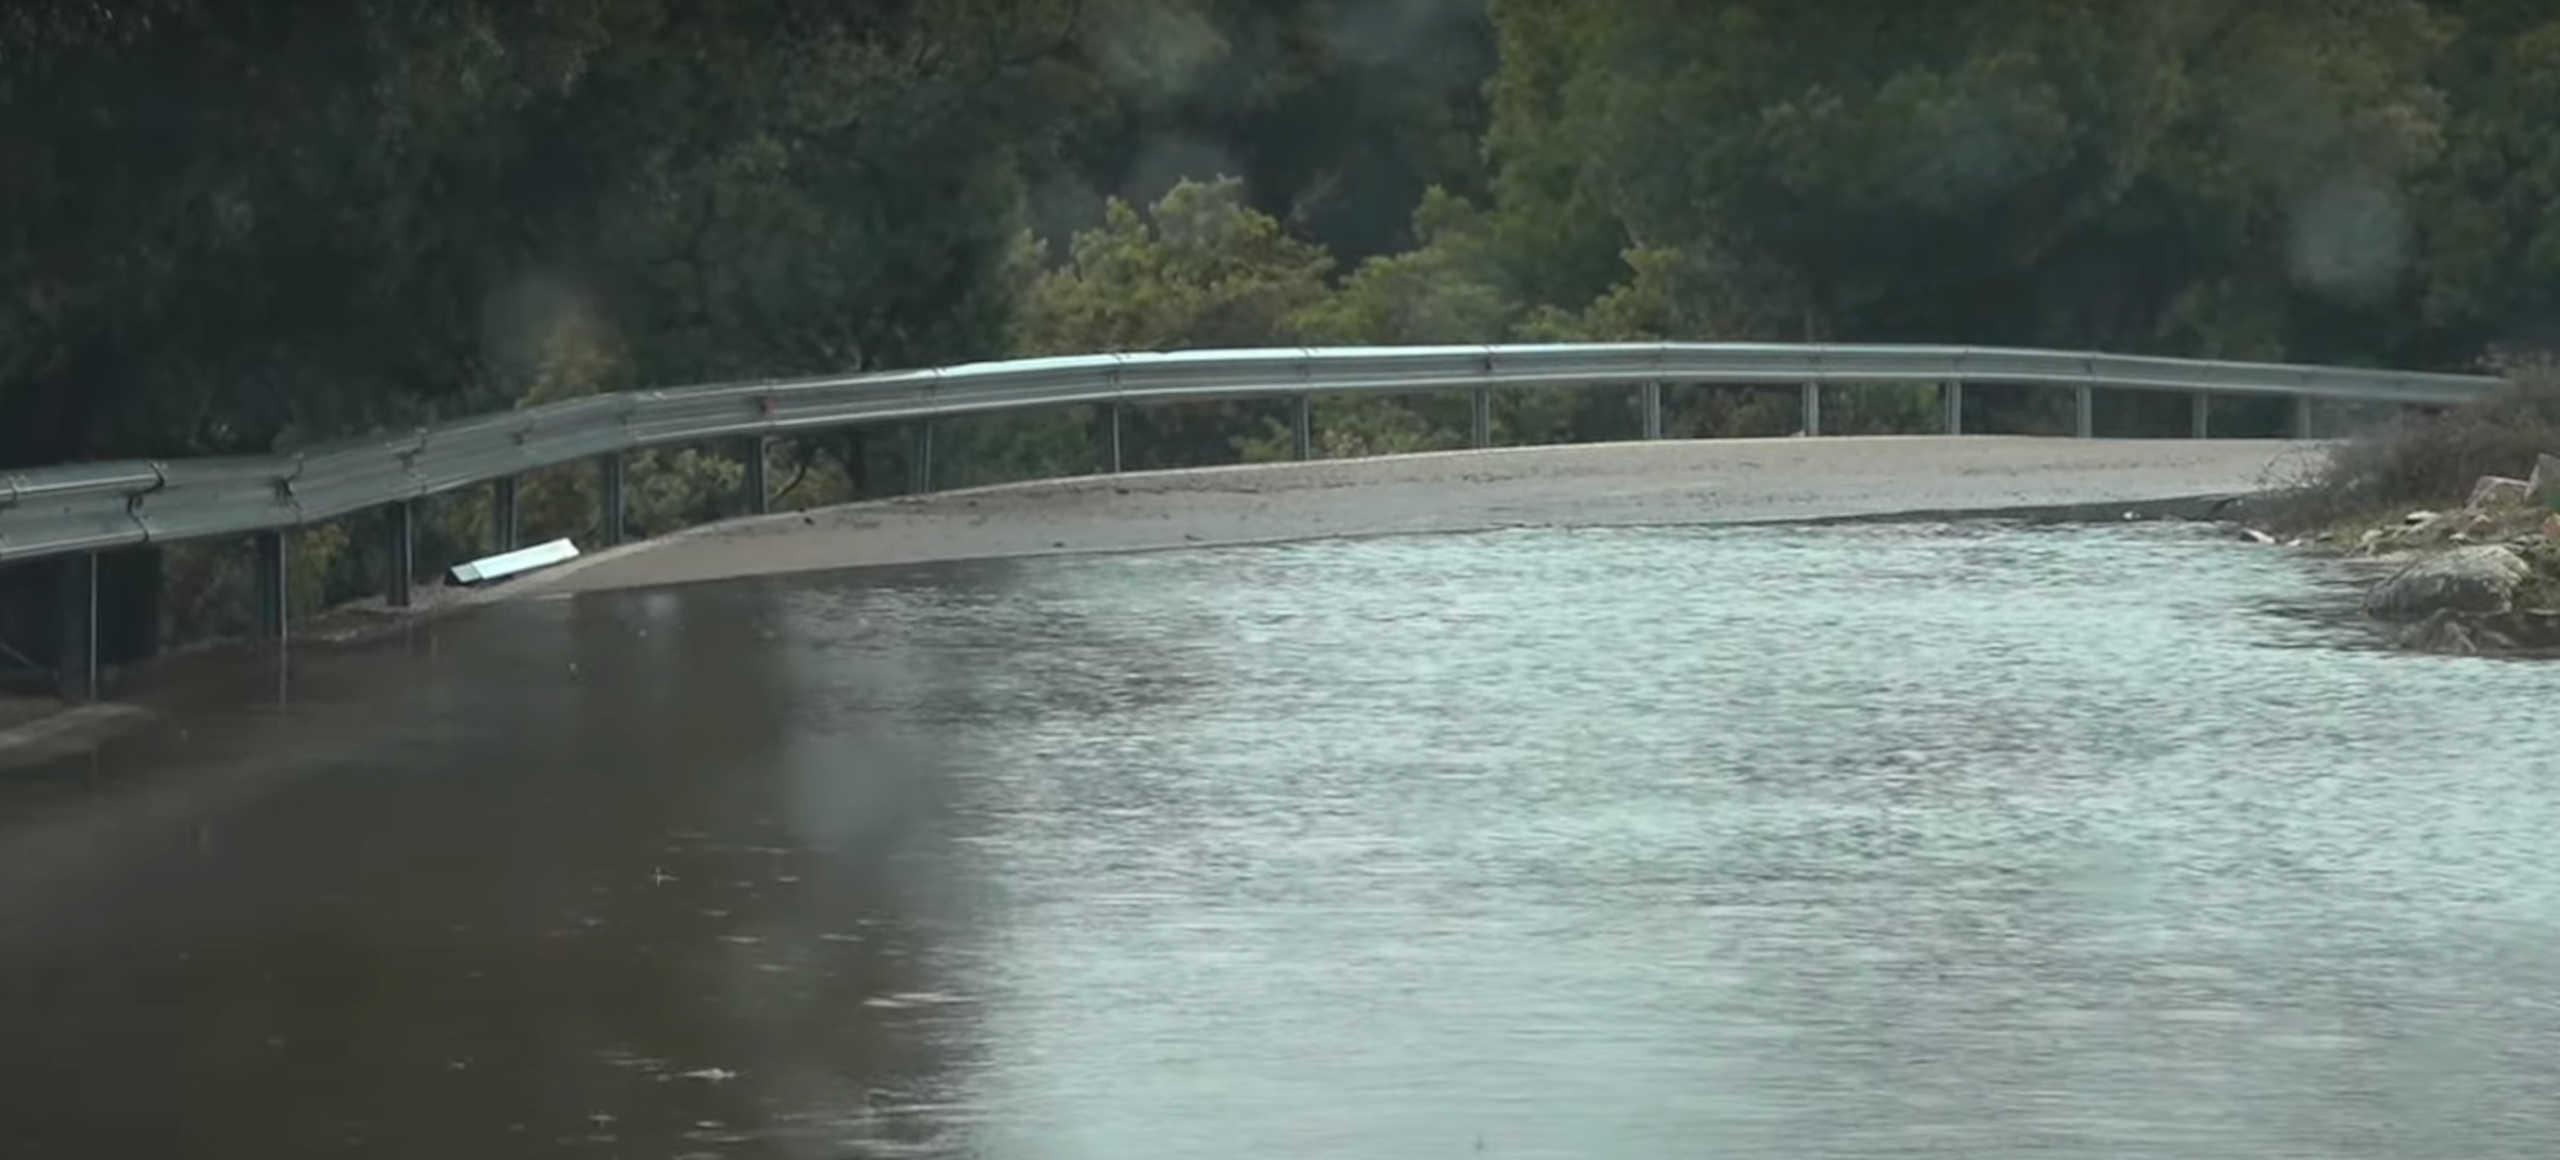 Σαρδηνία: Τρείς νεκροί από τις καταστροφικές πλημμύρες (video)